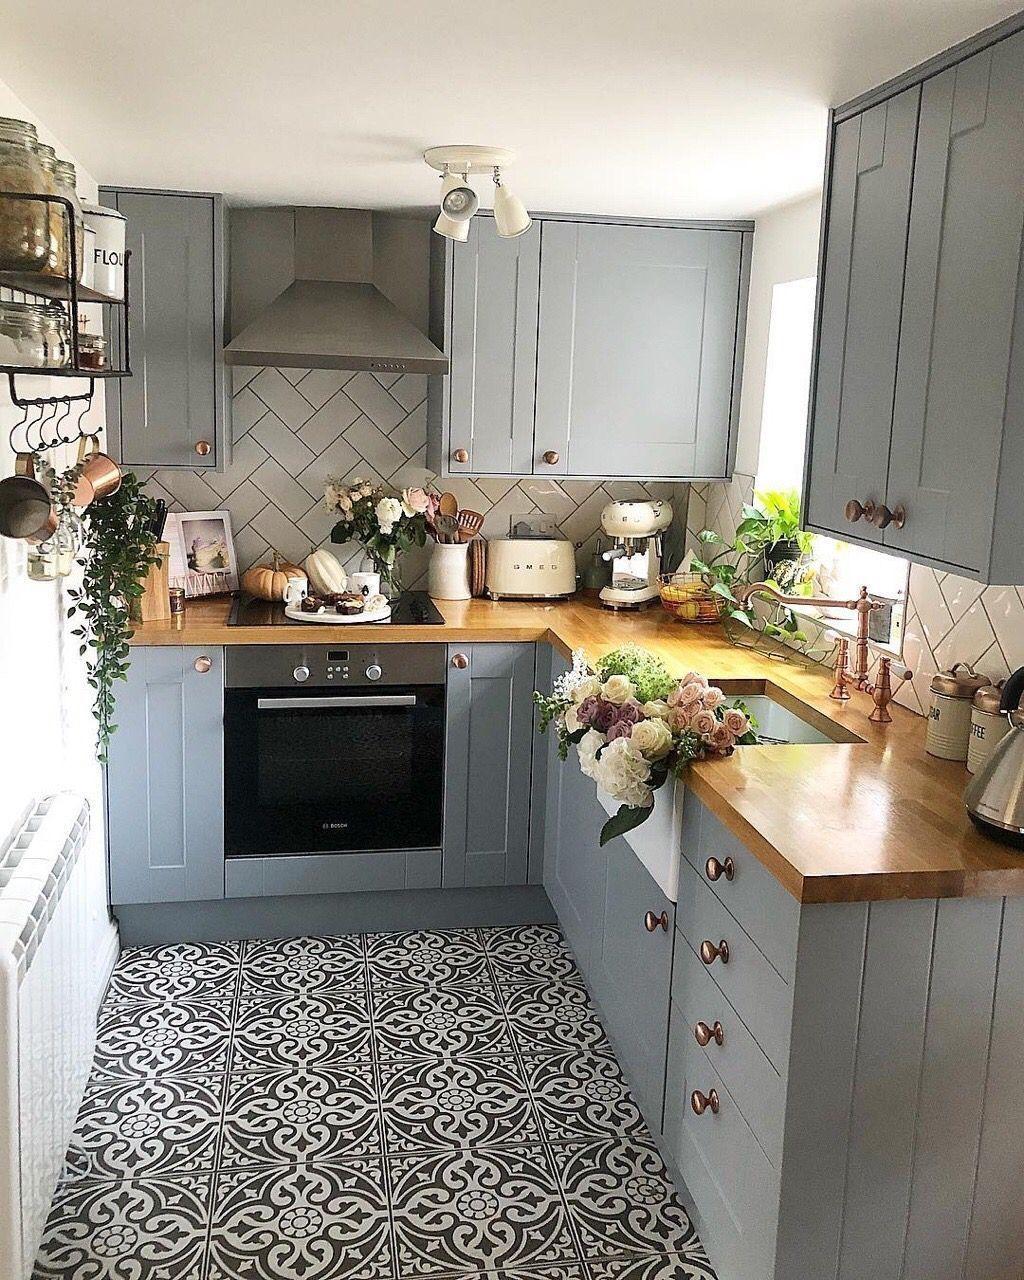 30 Awesome Bohemian Kitchen Ideas To Inspire You Small Apartment Kitchen Kitchen Remodel Small Small Kitchen Design Apartment